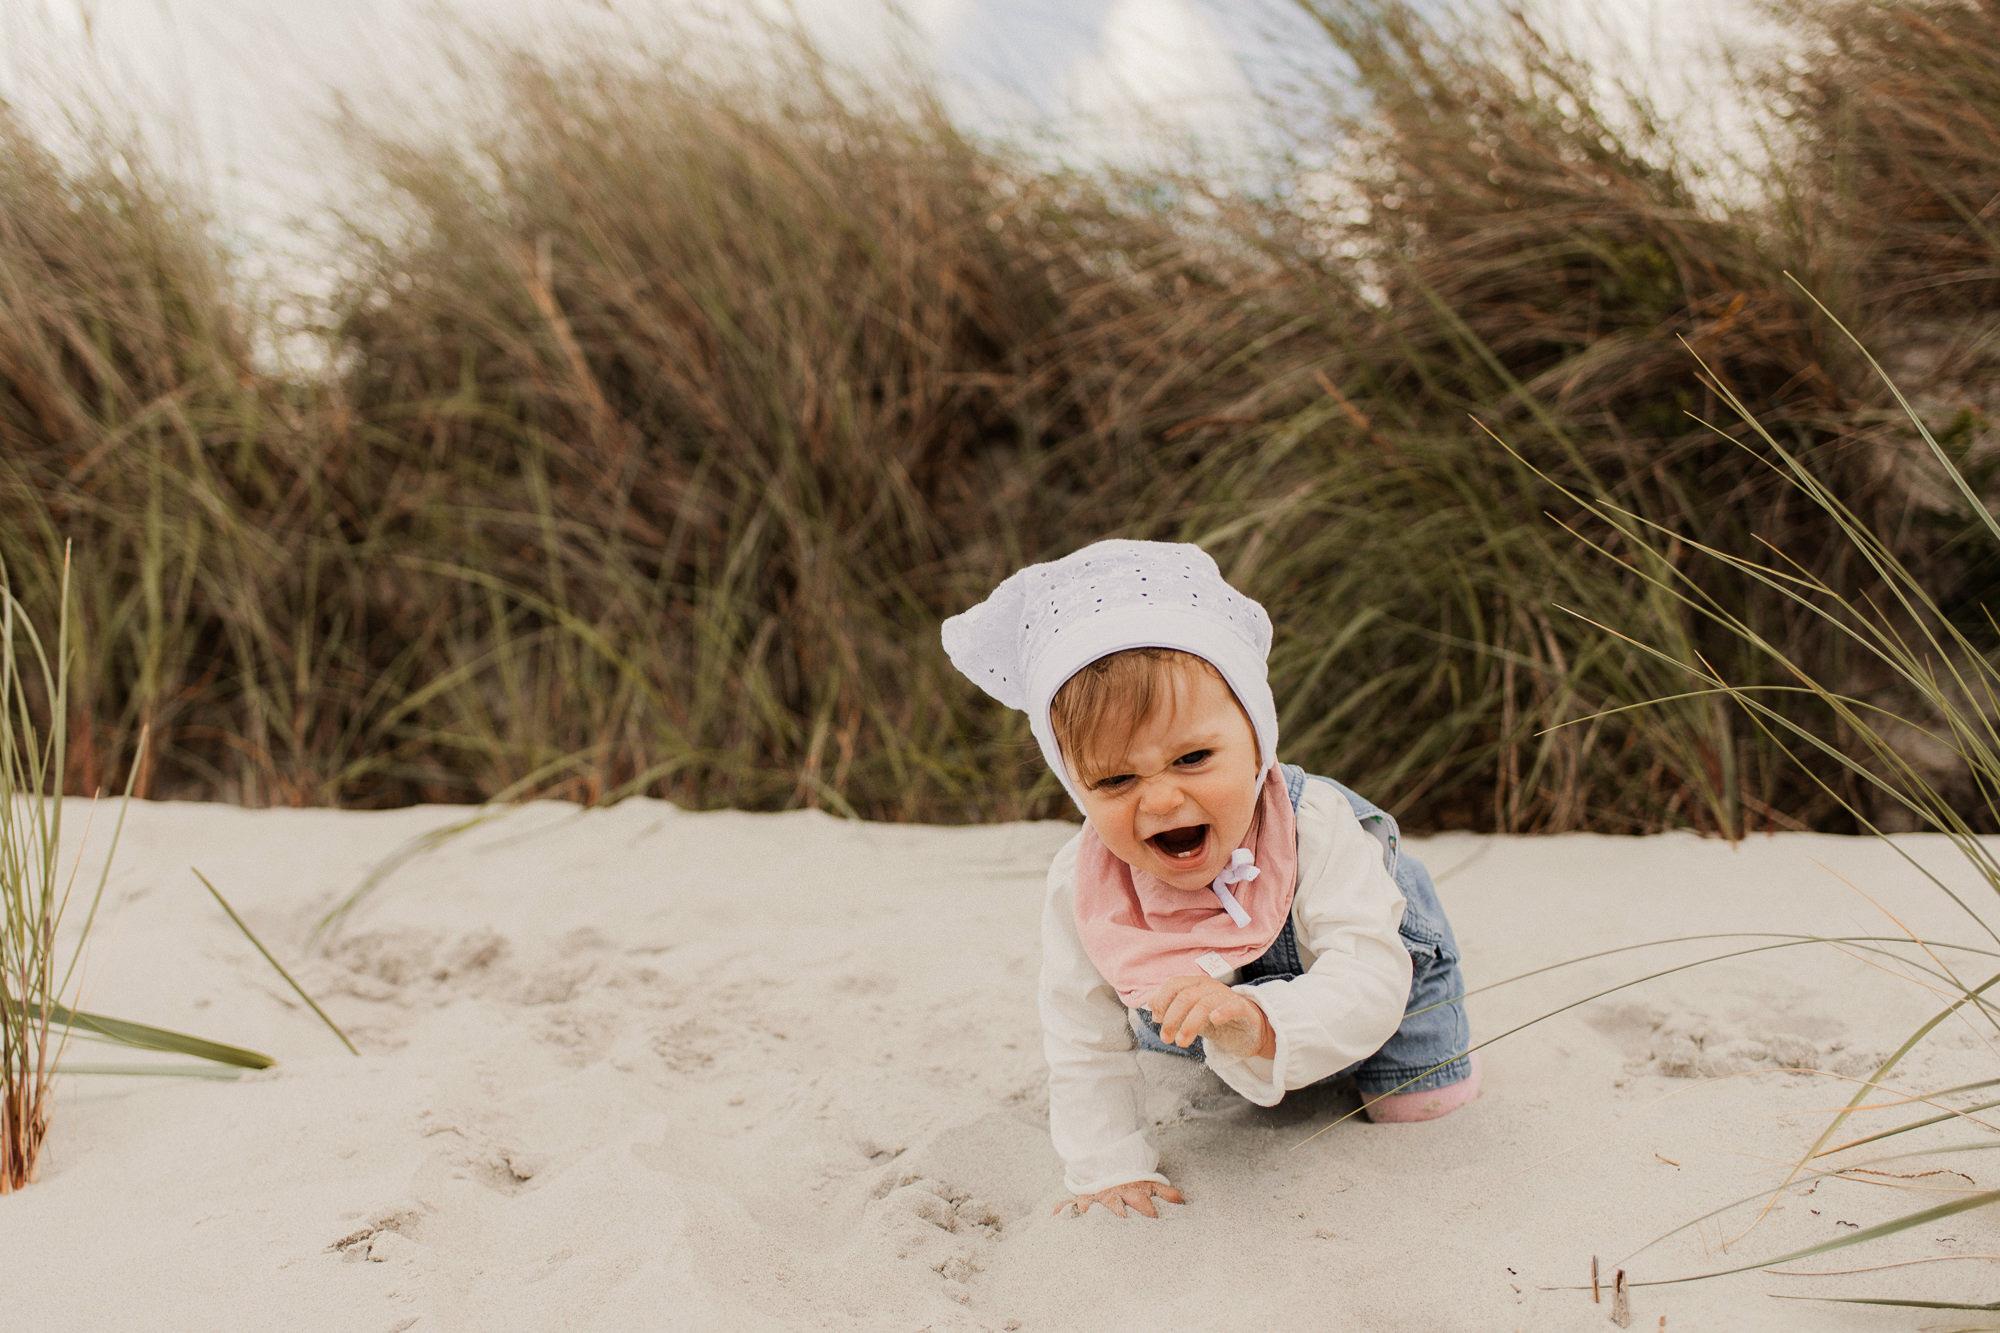 Babyshooting am Strand - Ostsee - Familienfotos - Zingst - Fischland Darß - Urlaub Prerow